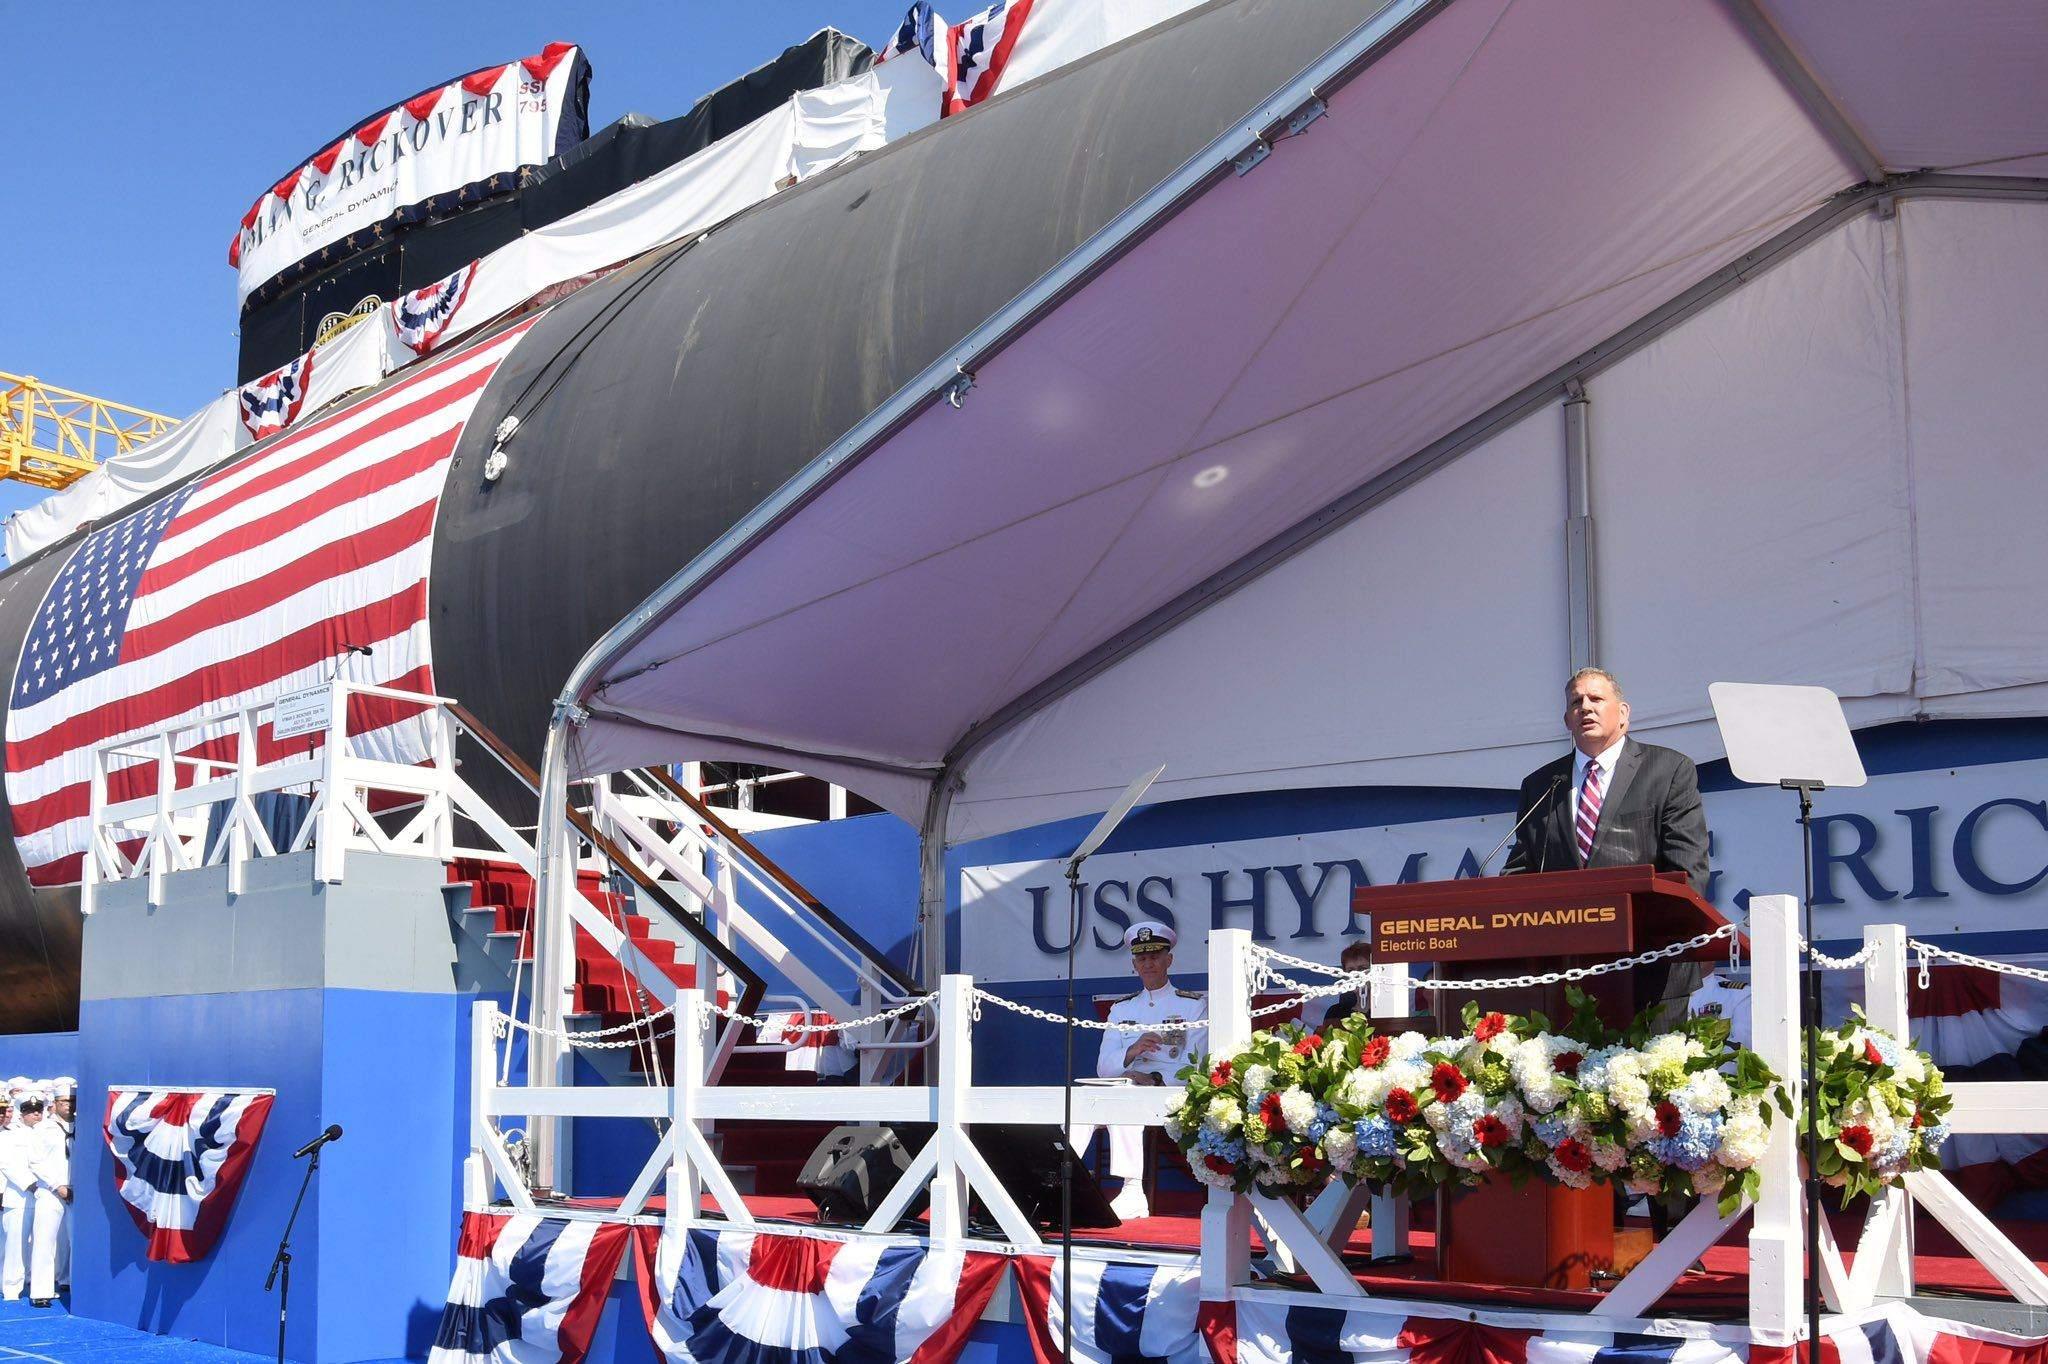 США флот